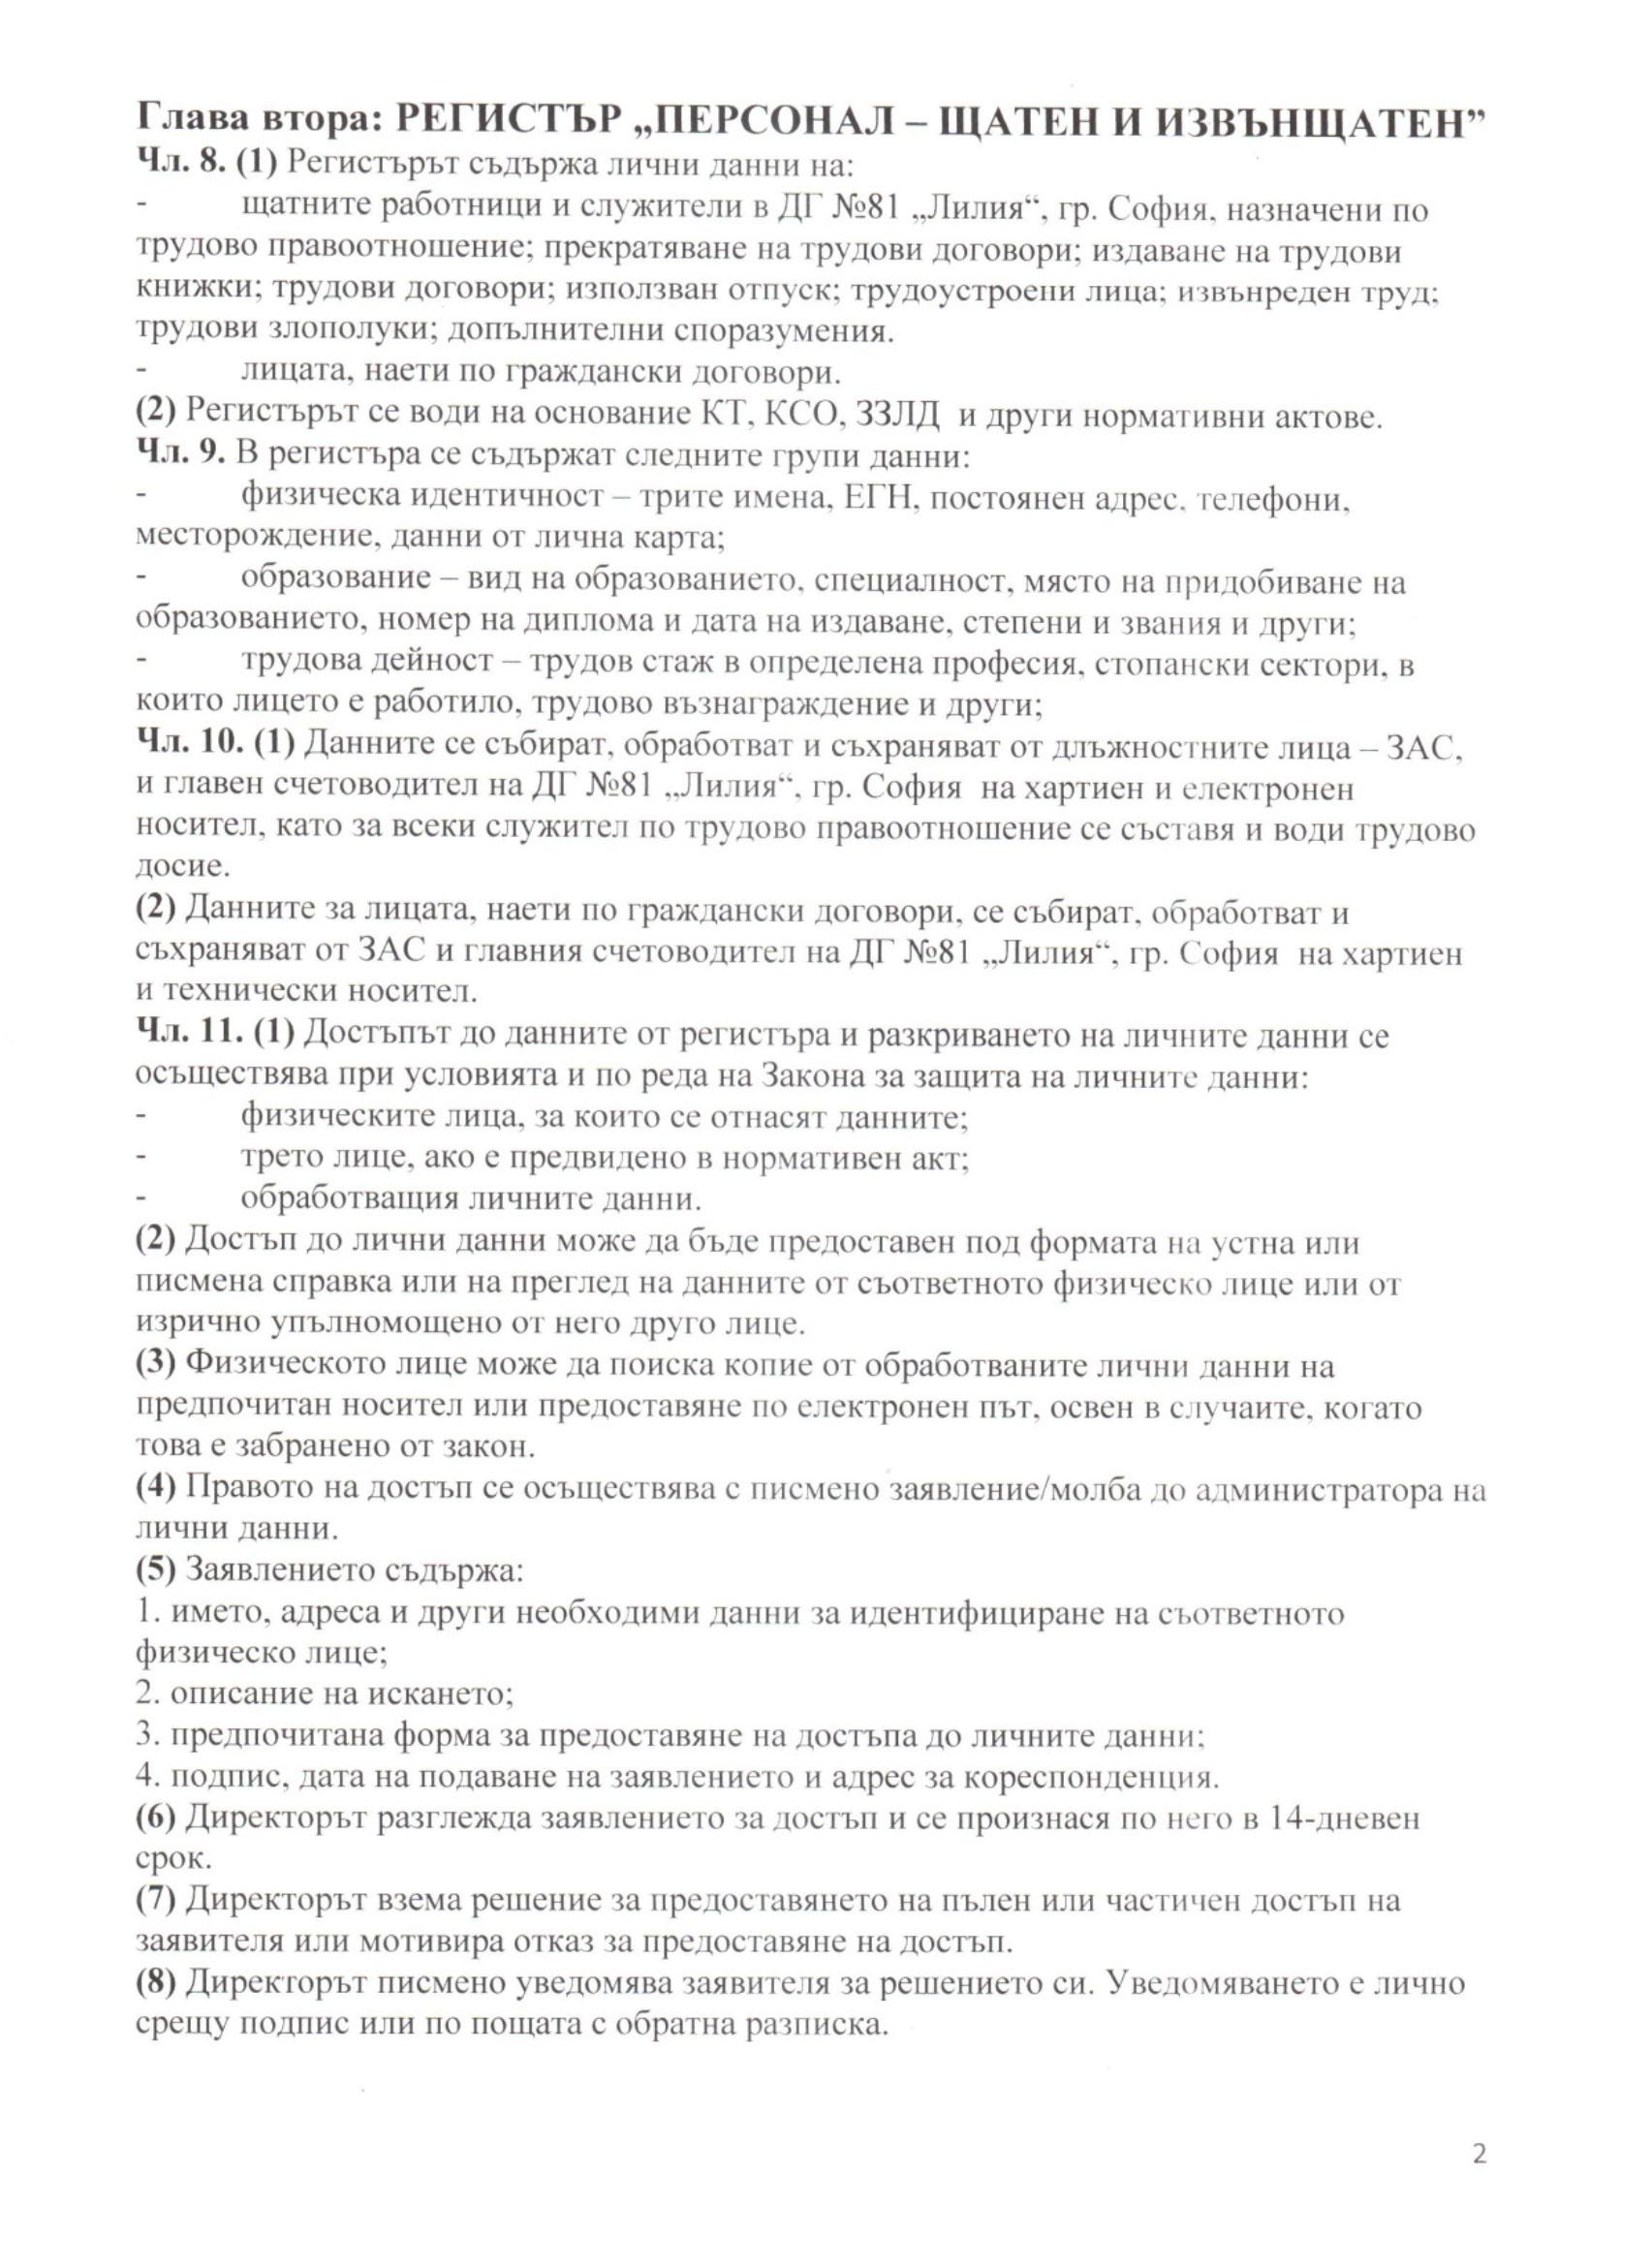 Lichni_danni-2